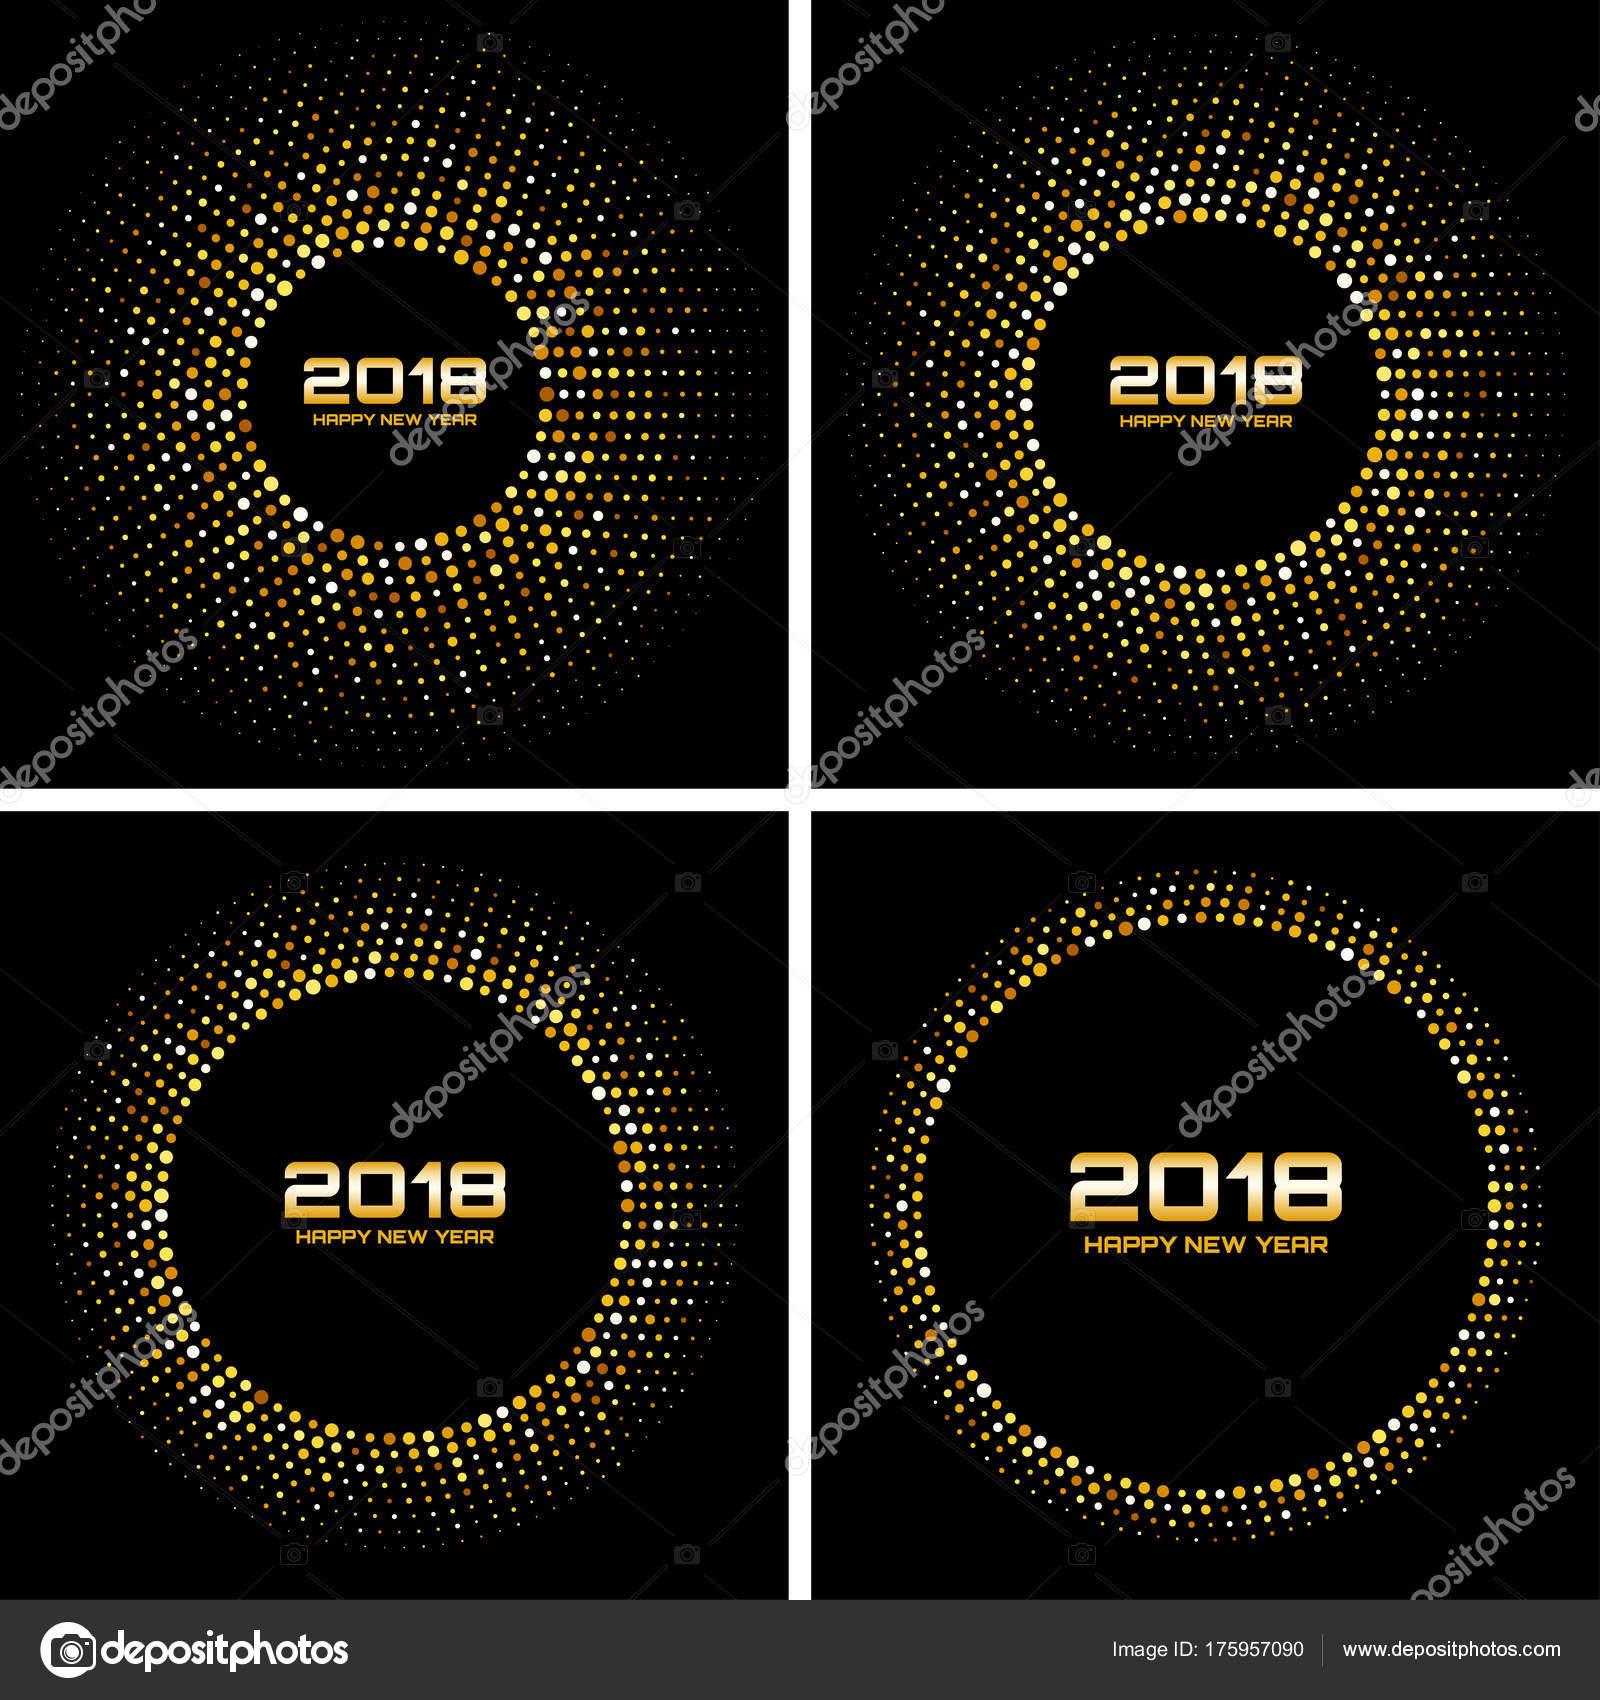 Feliz año nuevo 2018 tarjeta Vector fondos. Serie de oro Disco ...